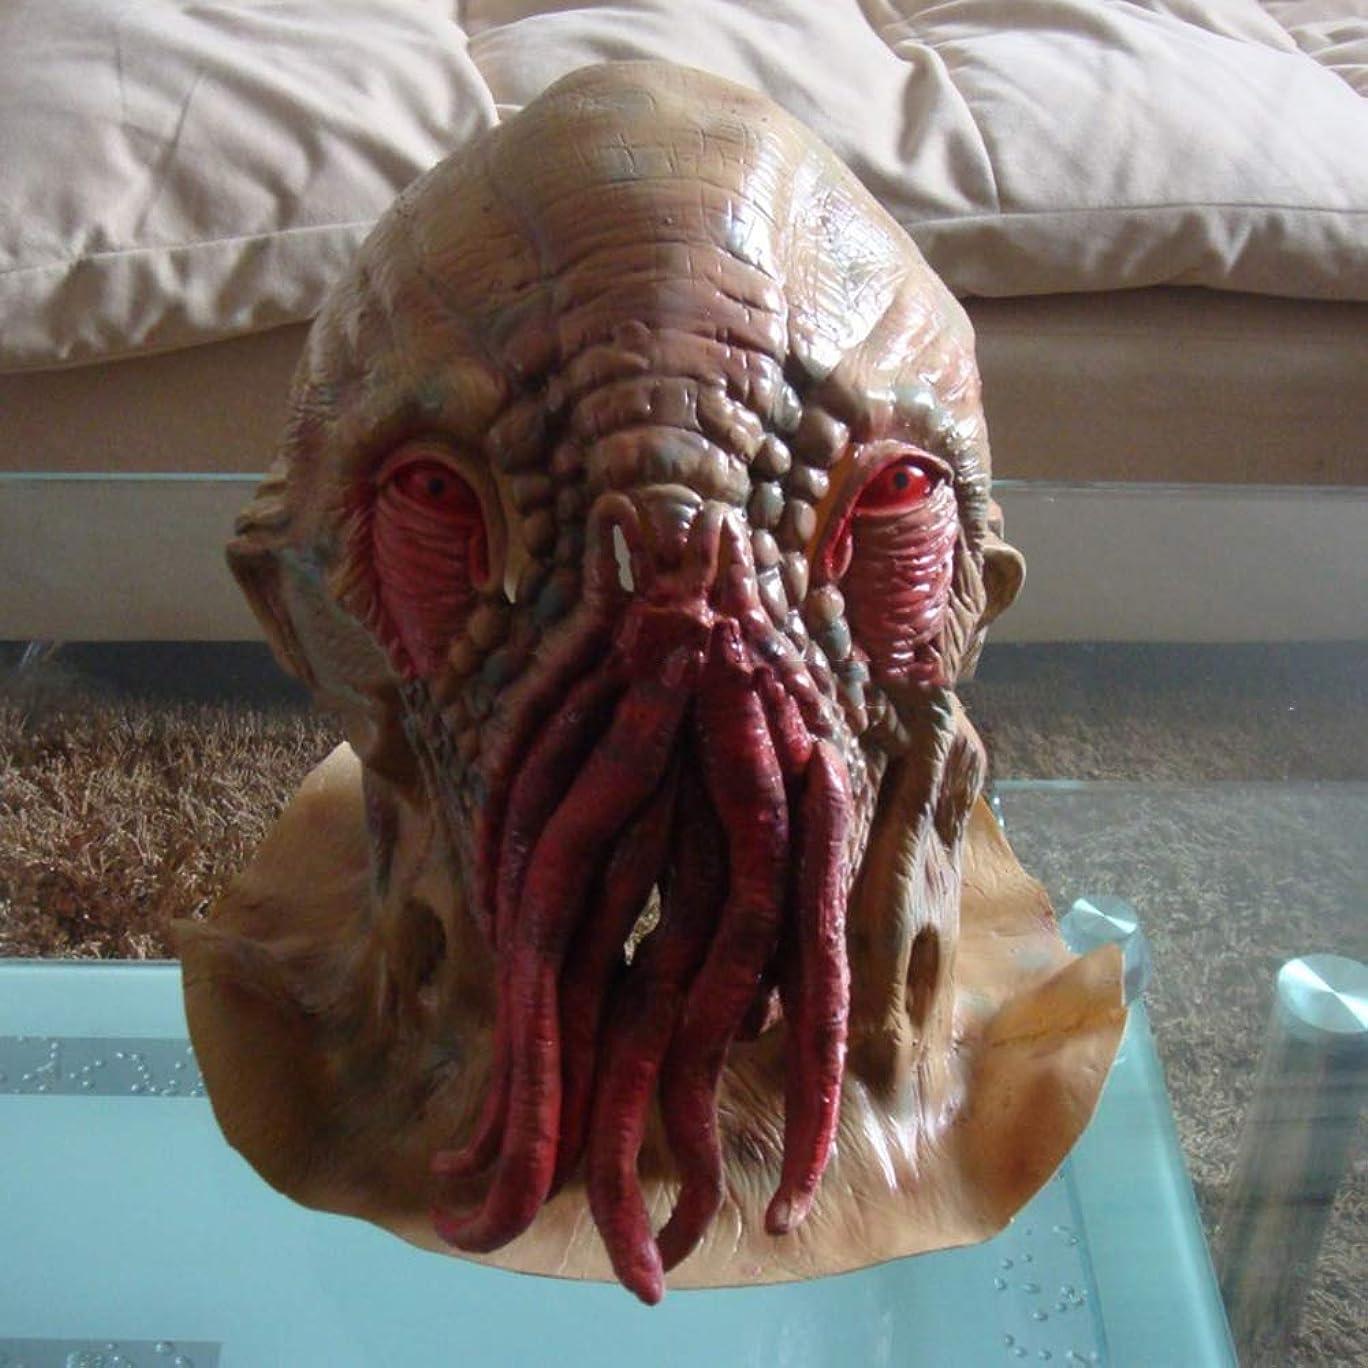 即席アラブサラボ寂しいハロウィーンホラーマスク、神秘的な動物の頭のマスク、創造的な面白い Vizard マスク、パーティー仮装ラテックスマスク